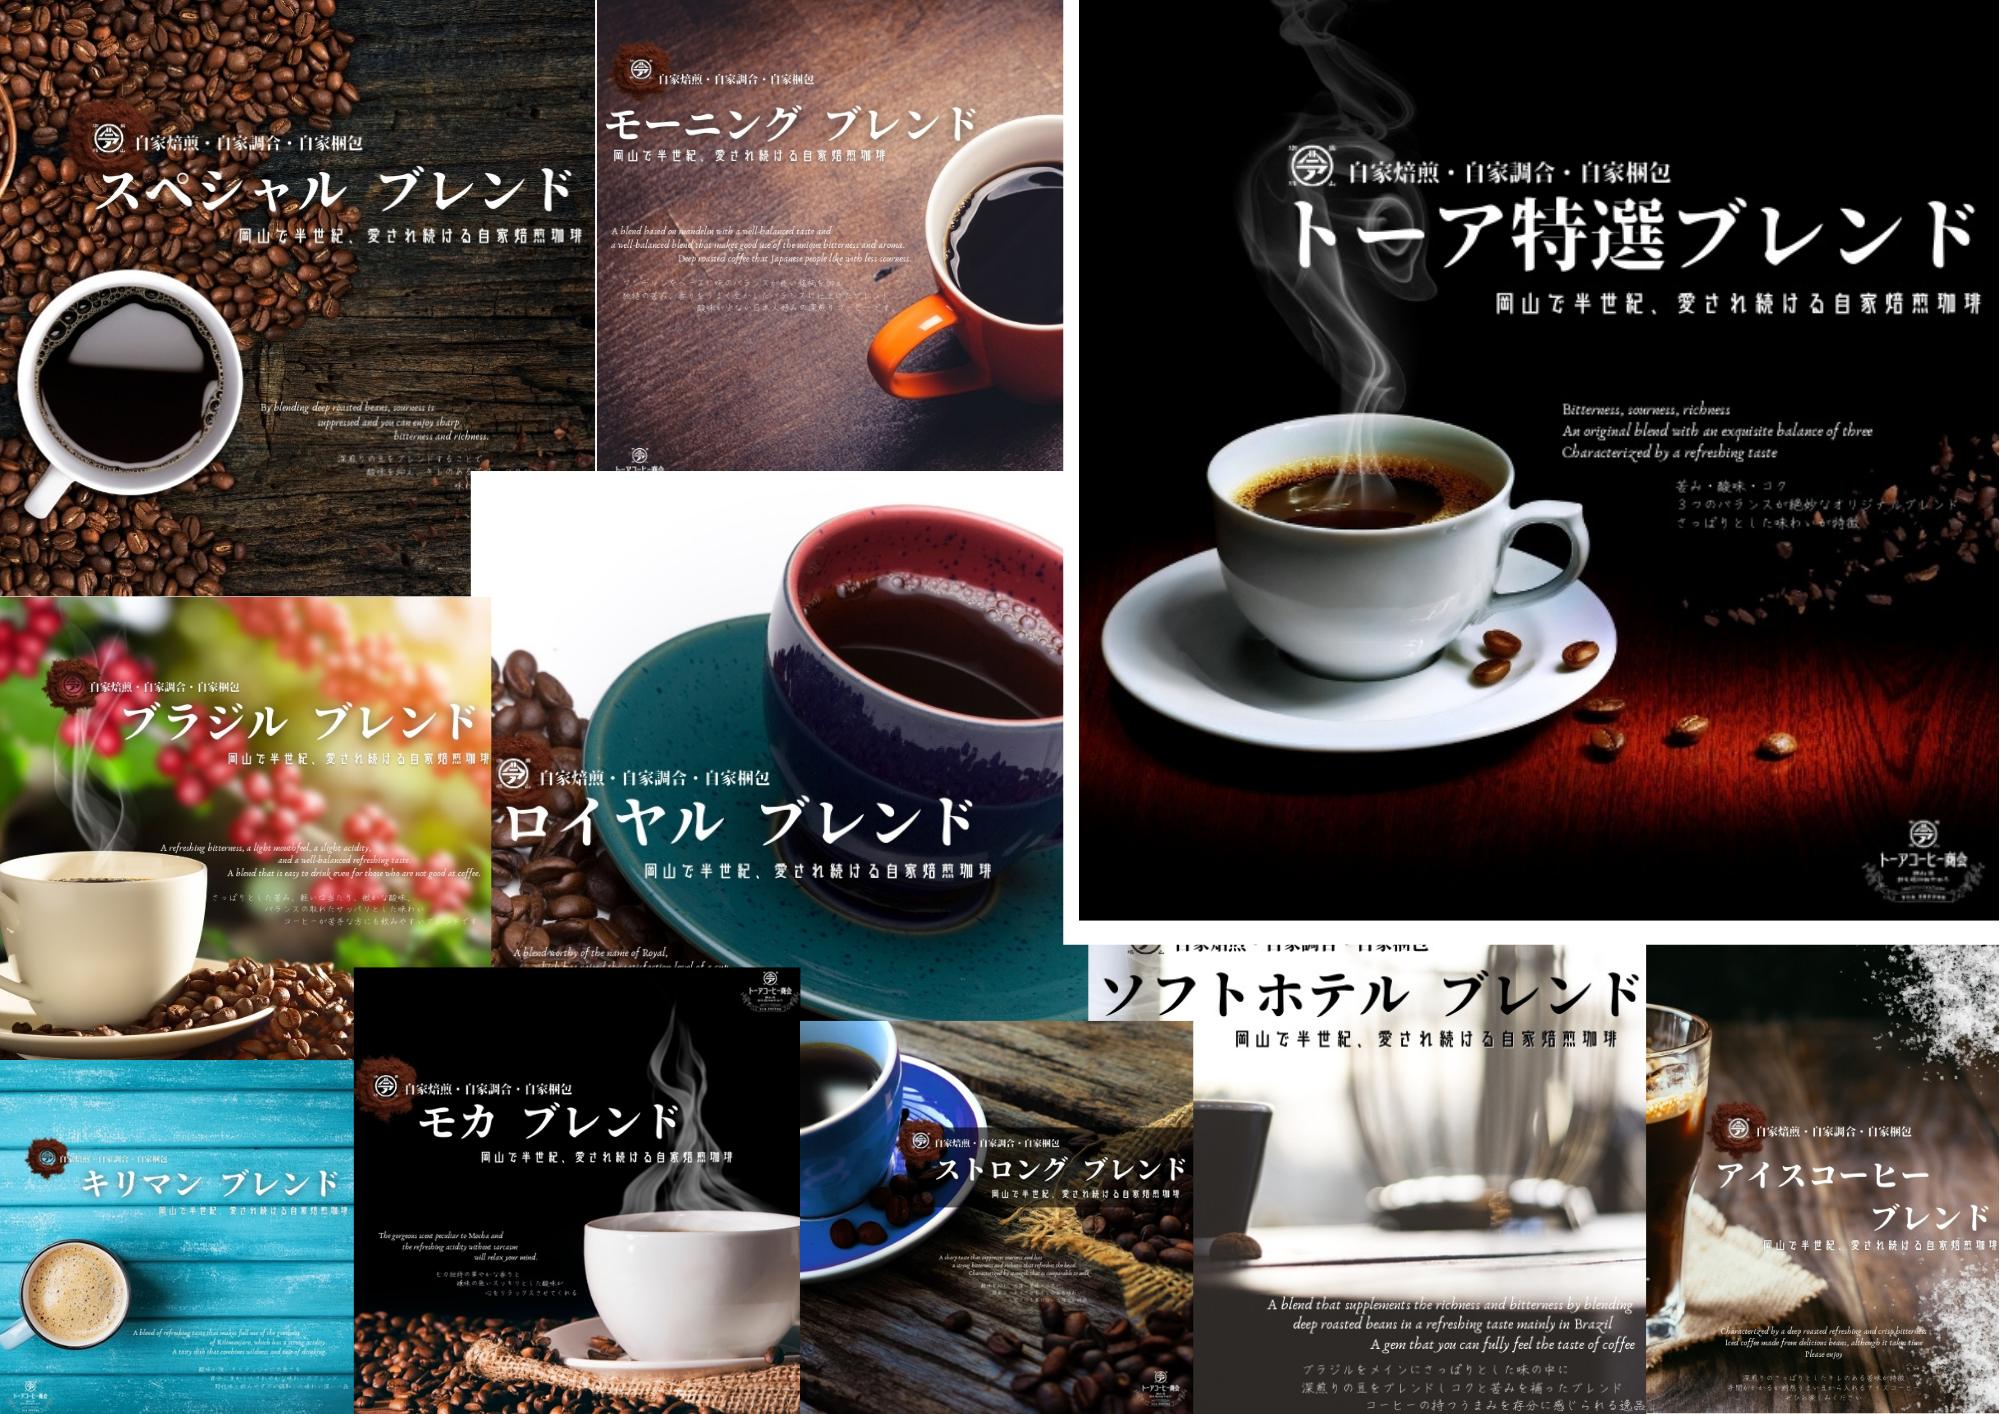 トーアコーヒー商会オンラインショップ